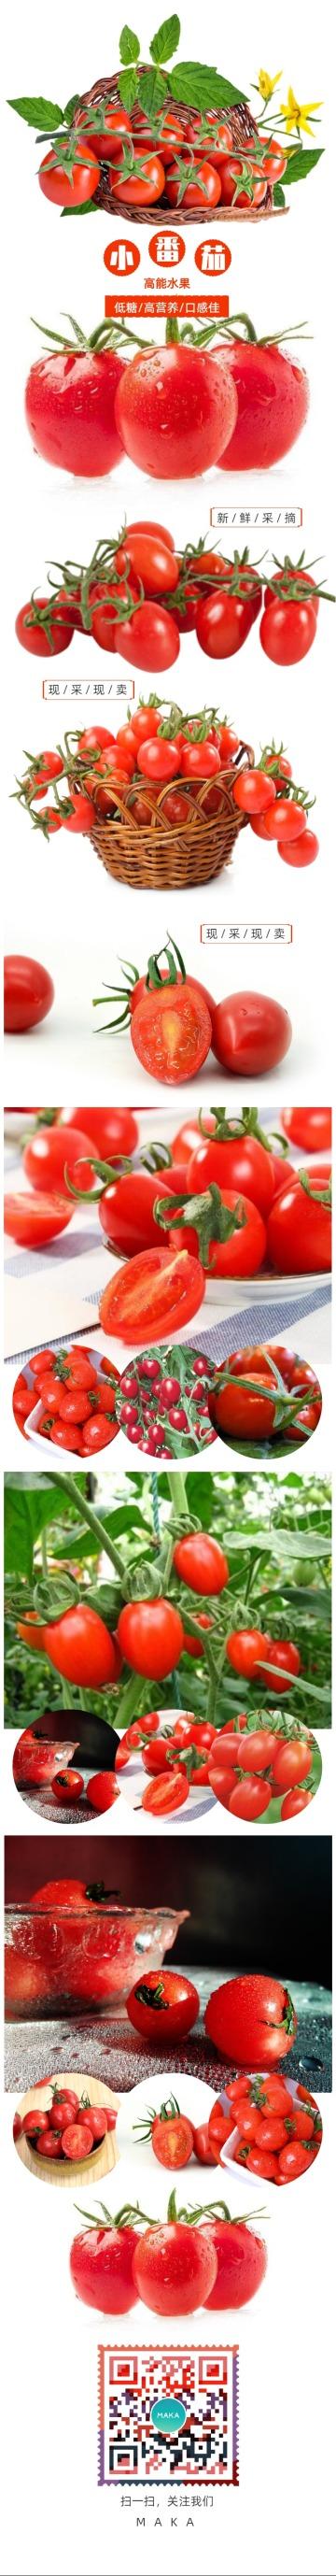 水果小番茄扁平简约风格产品详情页海报模板